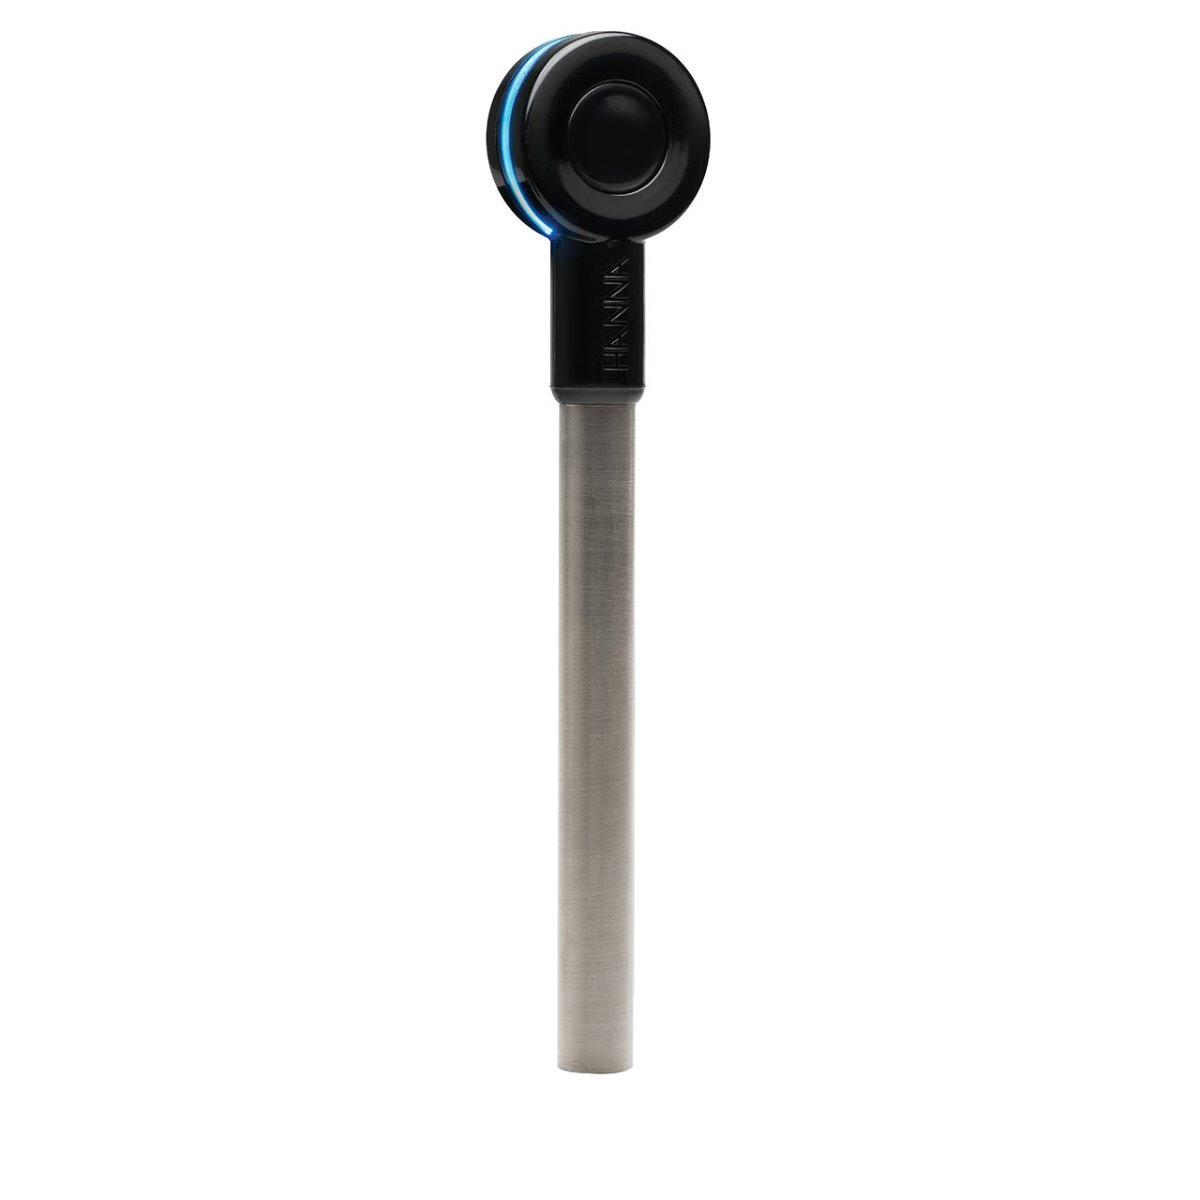 Electrodo de pH HALO Bluetooth con Cuerpo de Titanio para la Industria Cervecera - FC2142